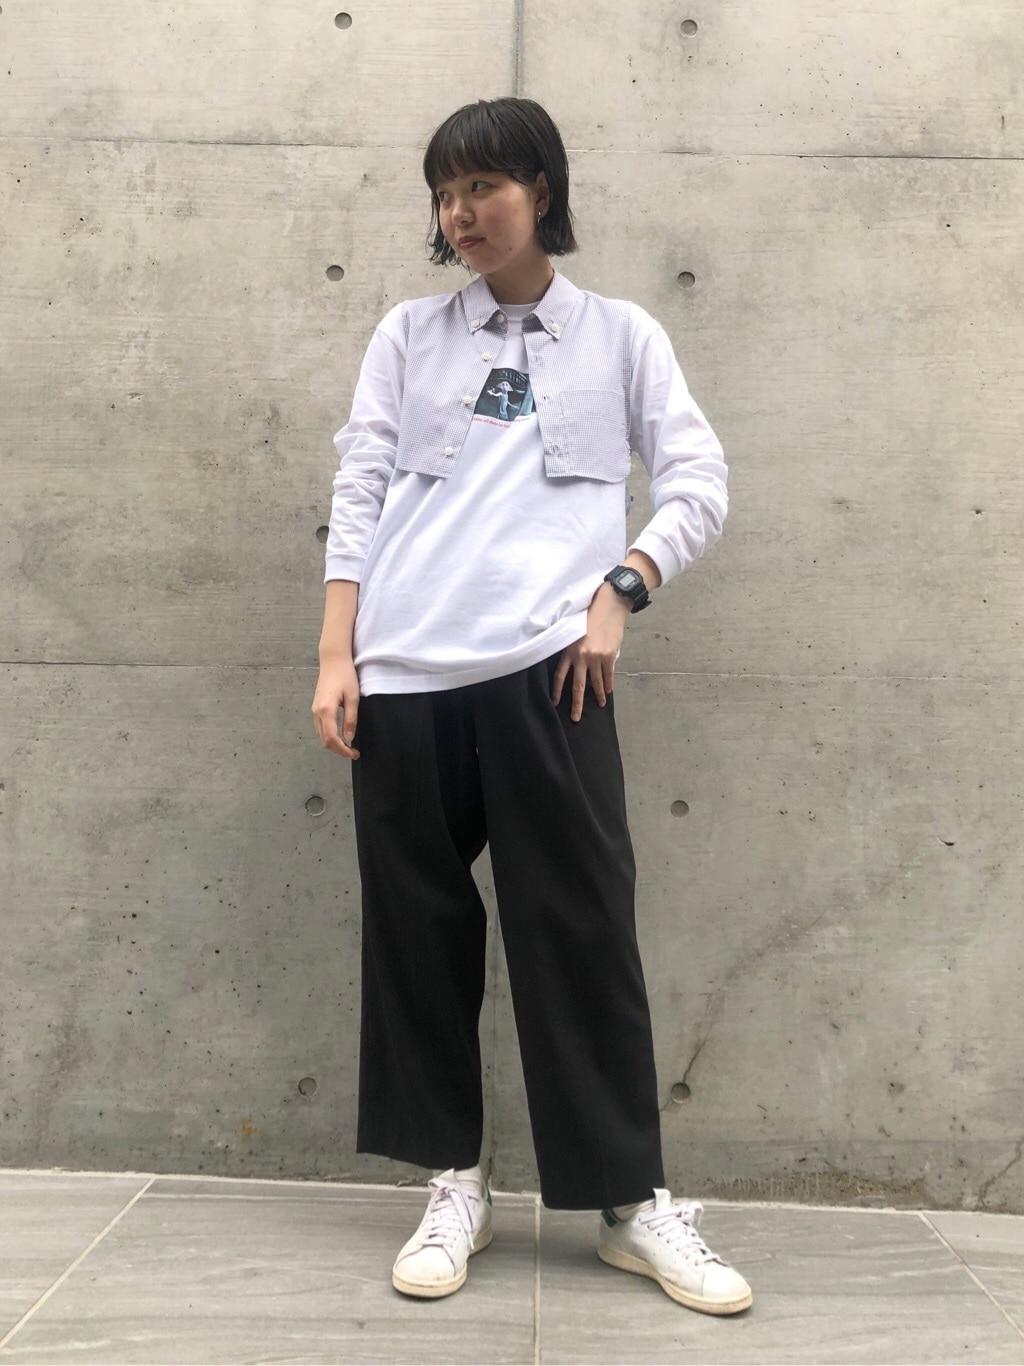 ラフォーレ原宿 2020.09.21